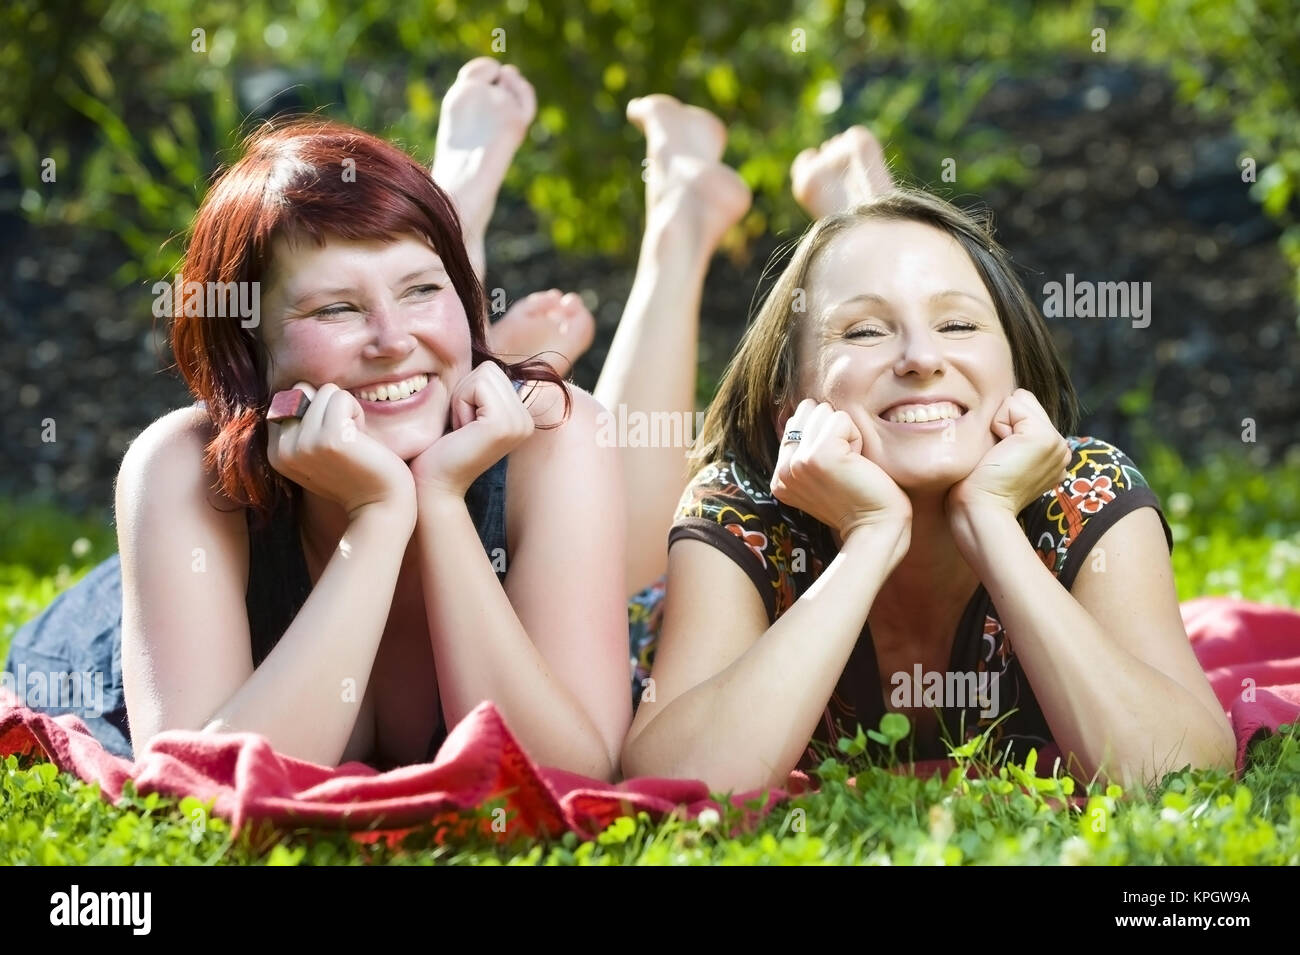 Model released , Zwei junge, froehliche Frauen liegen nebeneinander auf einer Decke in der Wiese - two young, lucky - Stock Image